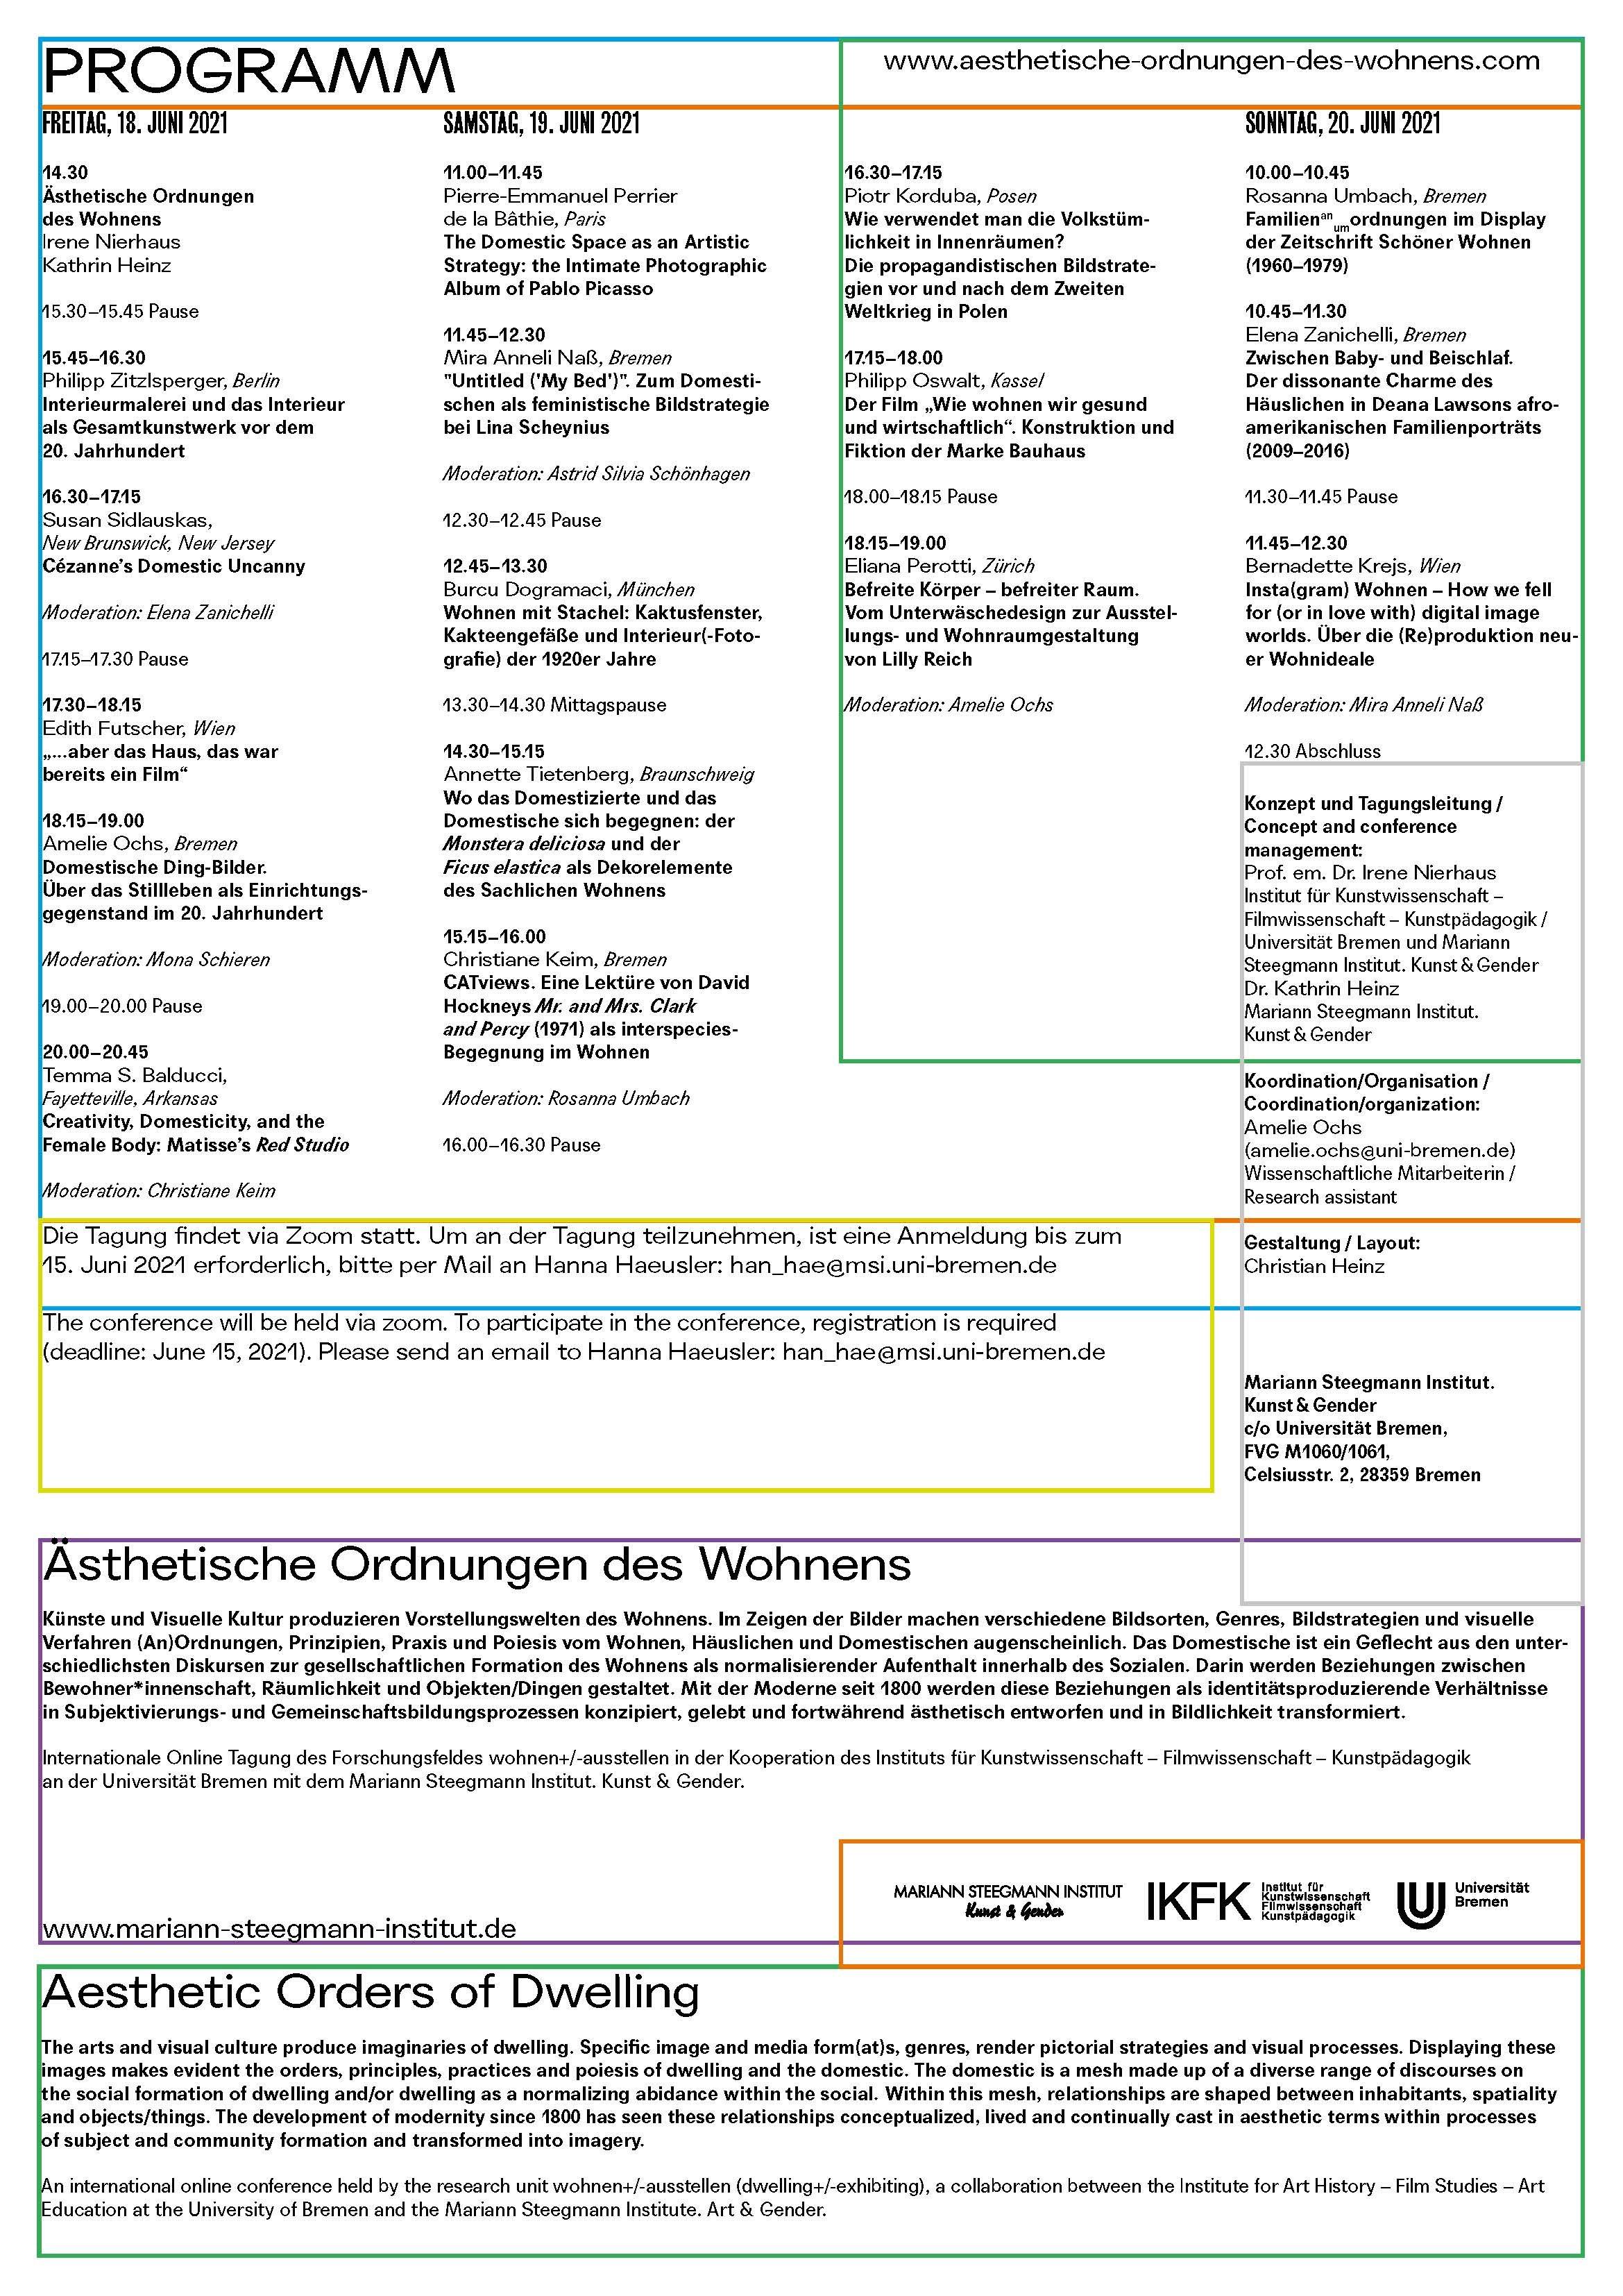 Aesthetische Ordnungen des Wohnens 18 bis 20 Juni 2021 Flyer Page 2